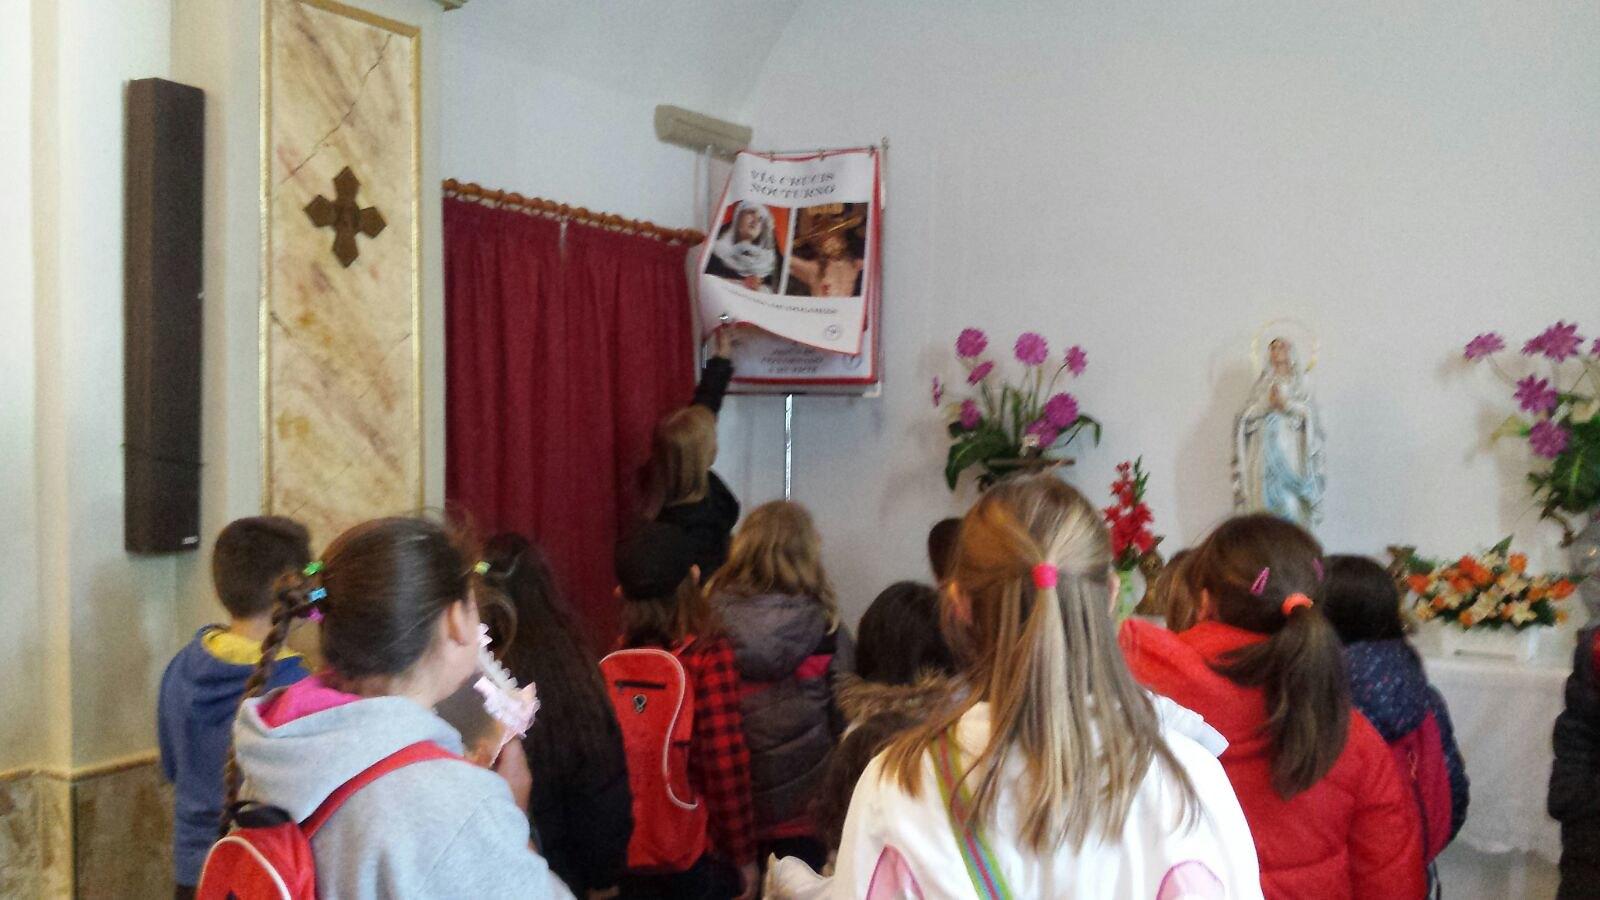 (2018-03-22) - Visita ermita alumnos Laura,3ºC, profesora religión Reina Sofia - Marzo -  María Isabel Berenguer Brotons (05)